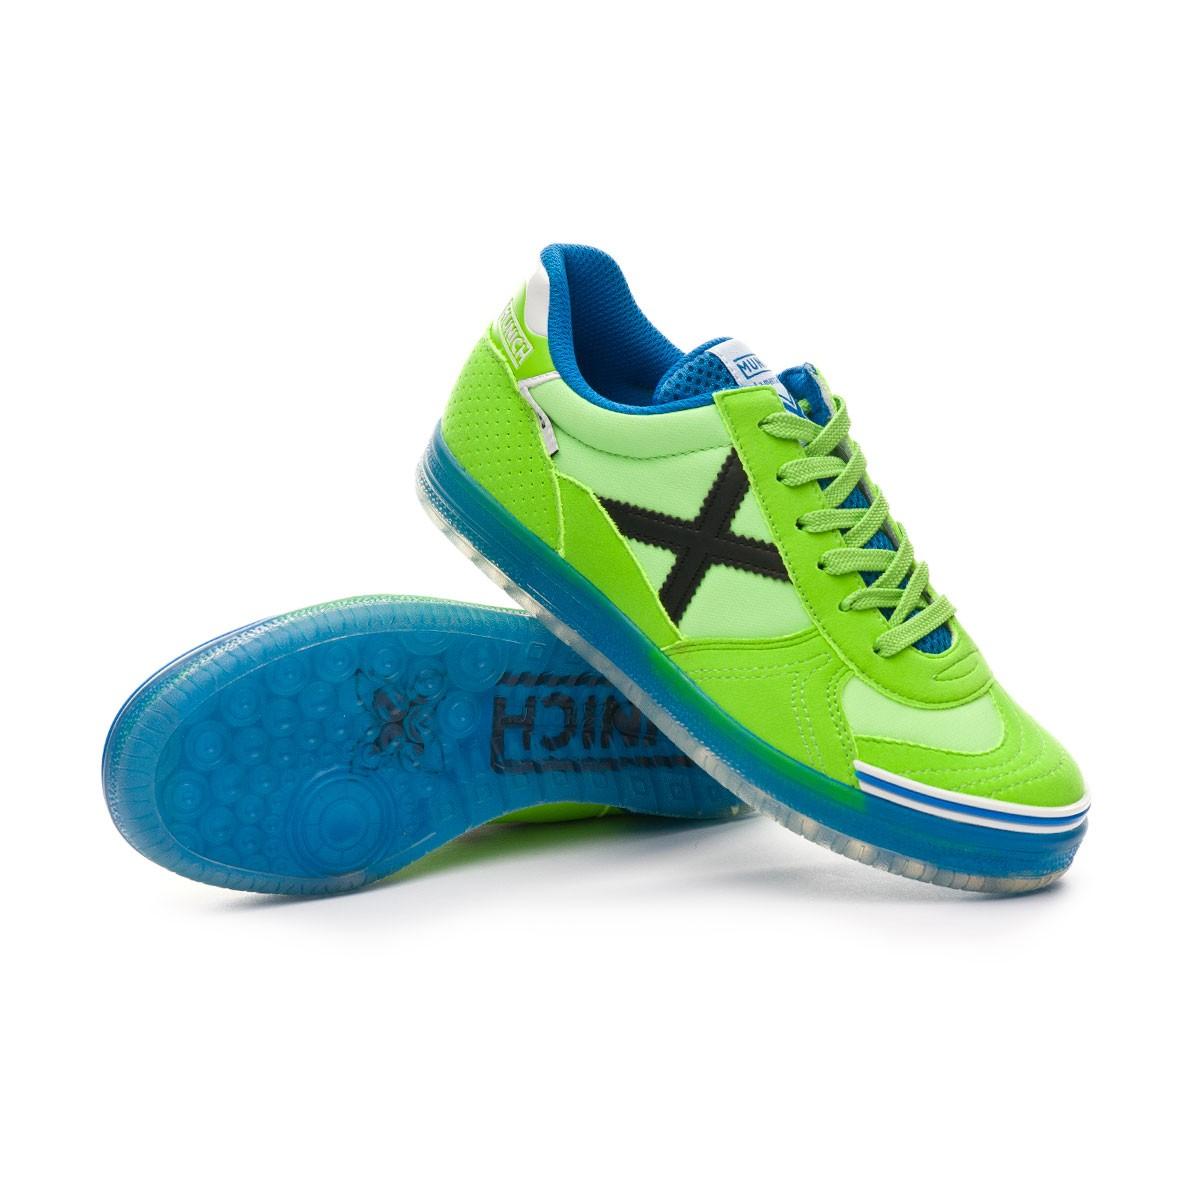 bad8532a7c8 Futsal Boot Munich Kids G3 Glow Lime-Blue - Tienda de fútbol Fútbol ...